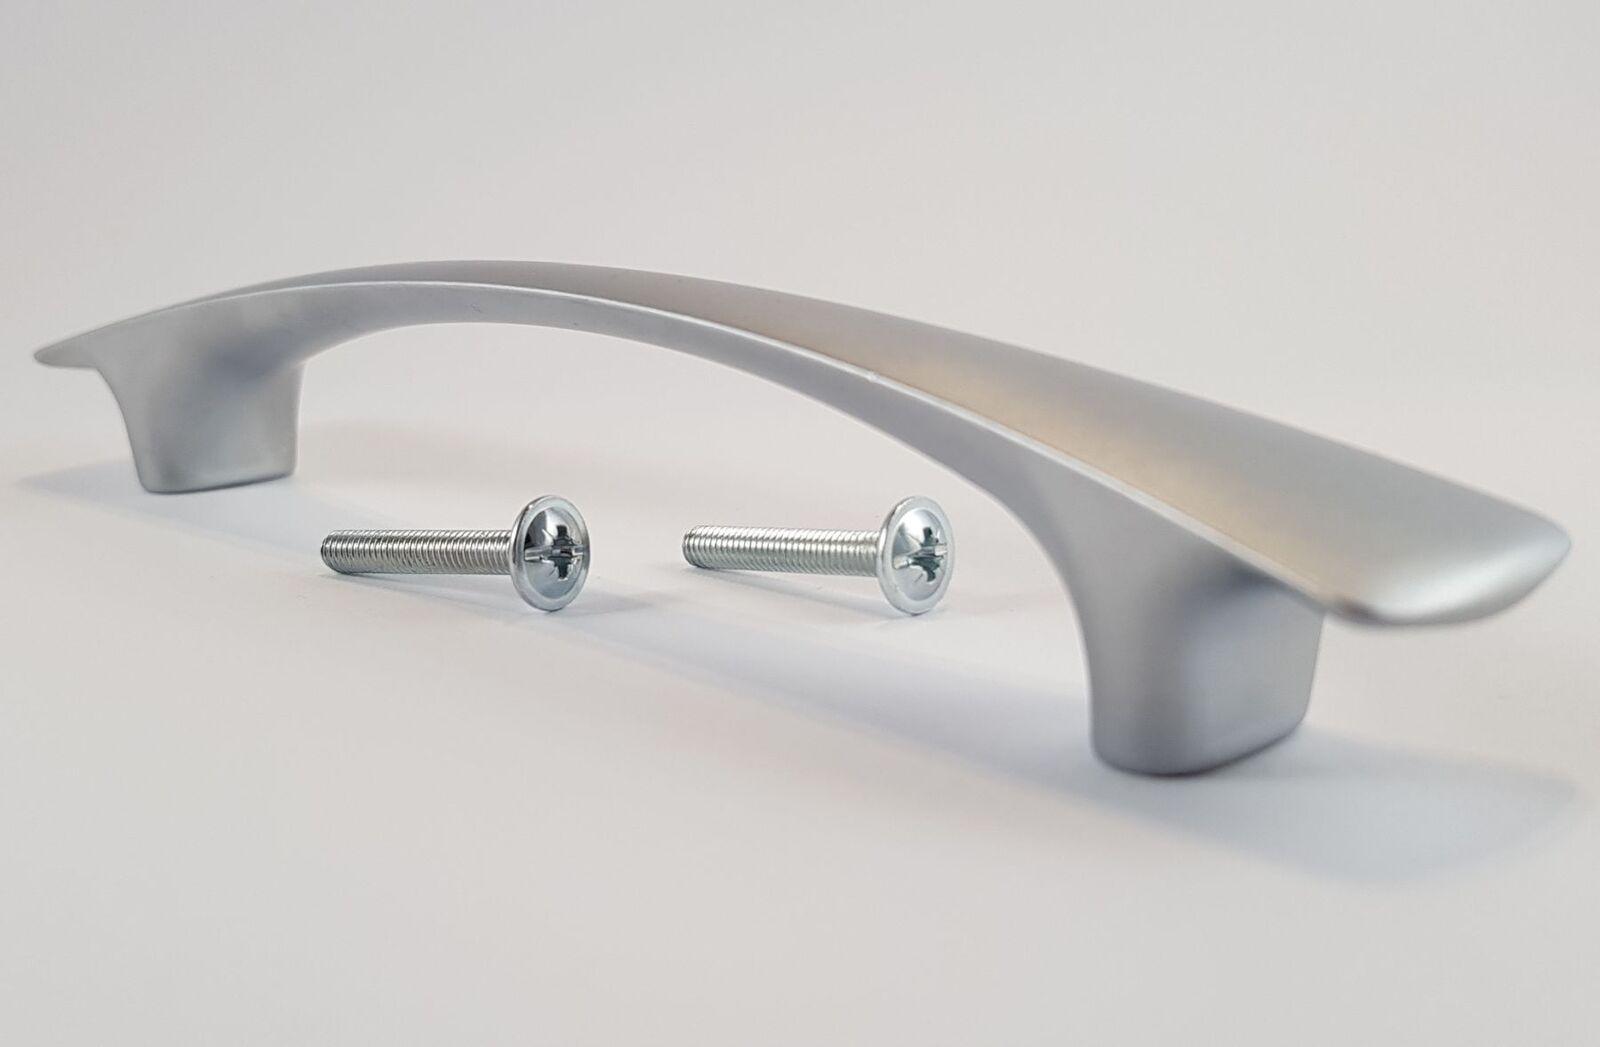 Küchengriff Ba 128 Mm Schrank Möbelgriffe Chrom Matt Silber Griffe